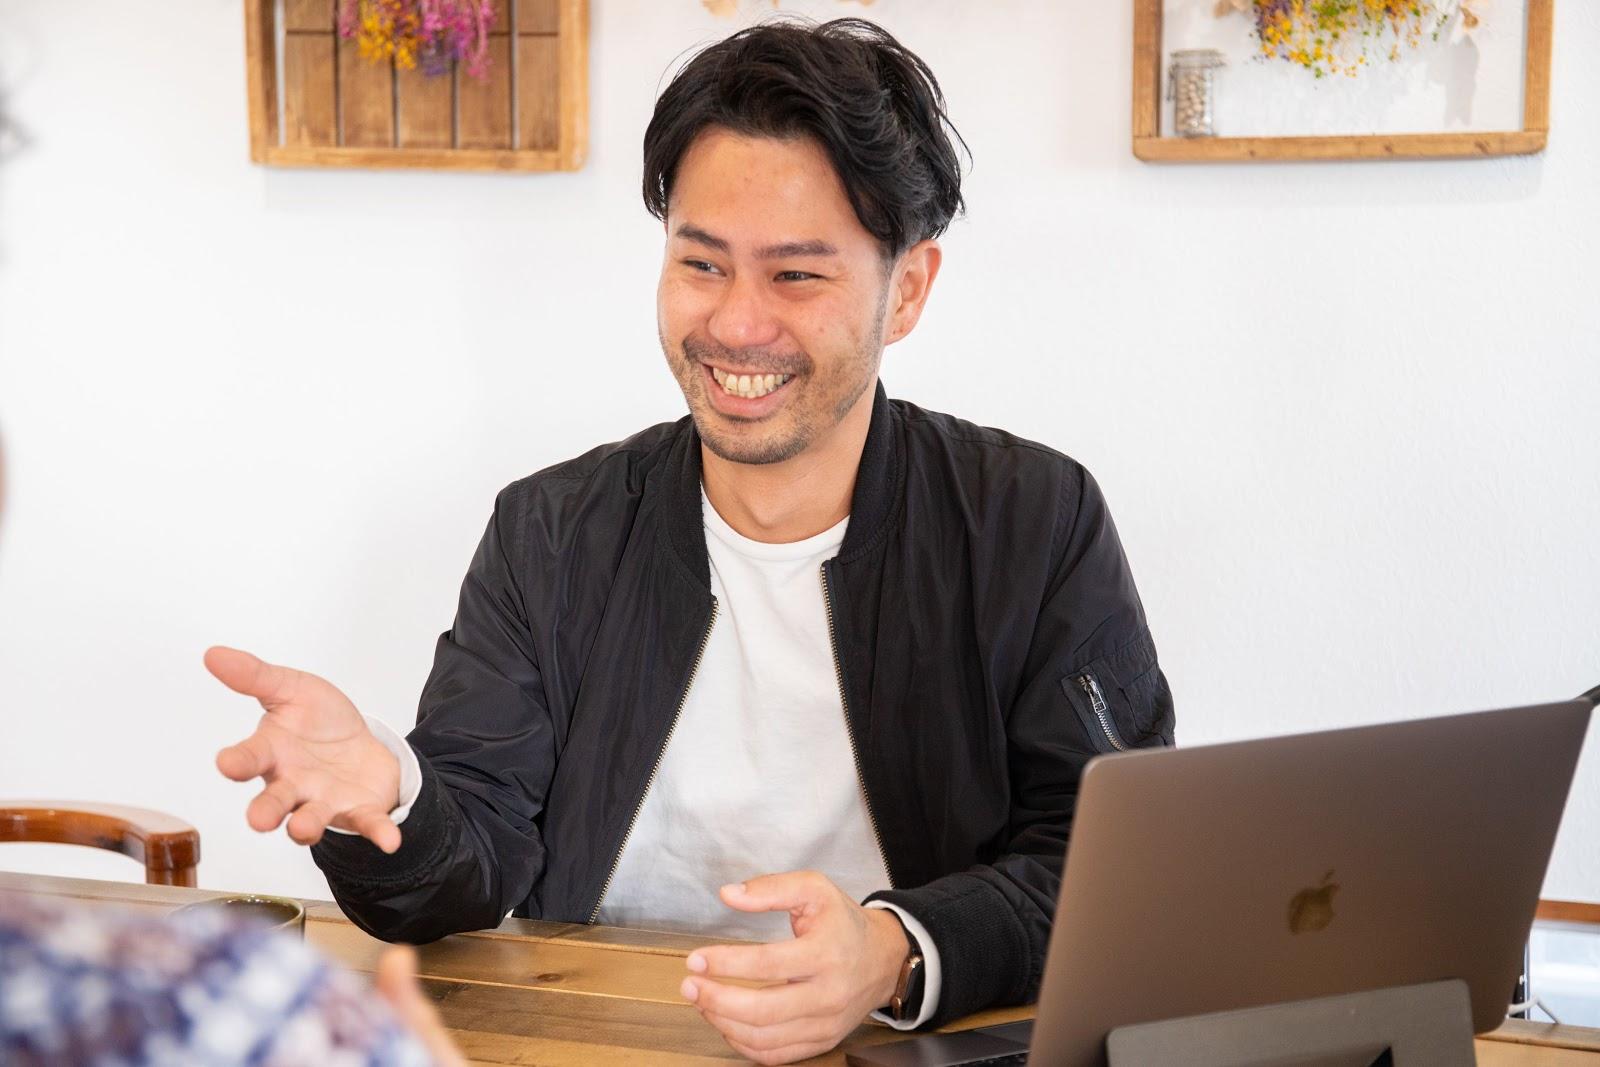 当時の営業部長にはかなり心配されましたね。けど僕は過去に福岡で飲食店をやっていた経験から、根拠のない自信があって。いいや、辞めちゃえ!という感じで、勢いで辞めました。(笑)自分たちが売る力さえつければ絶対に売れるんだ、という感じで。